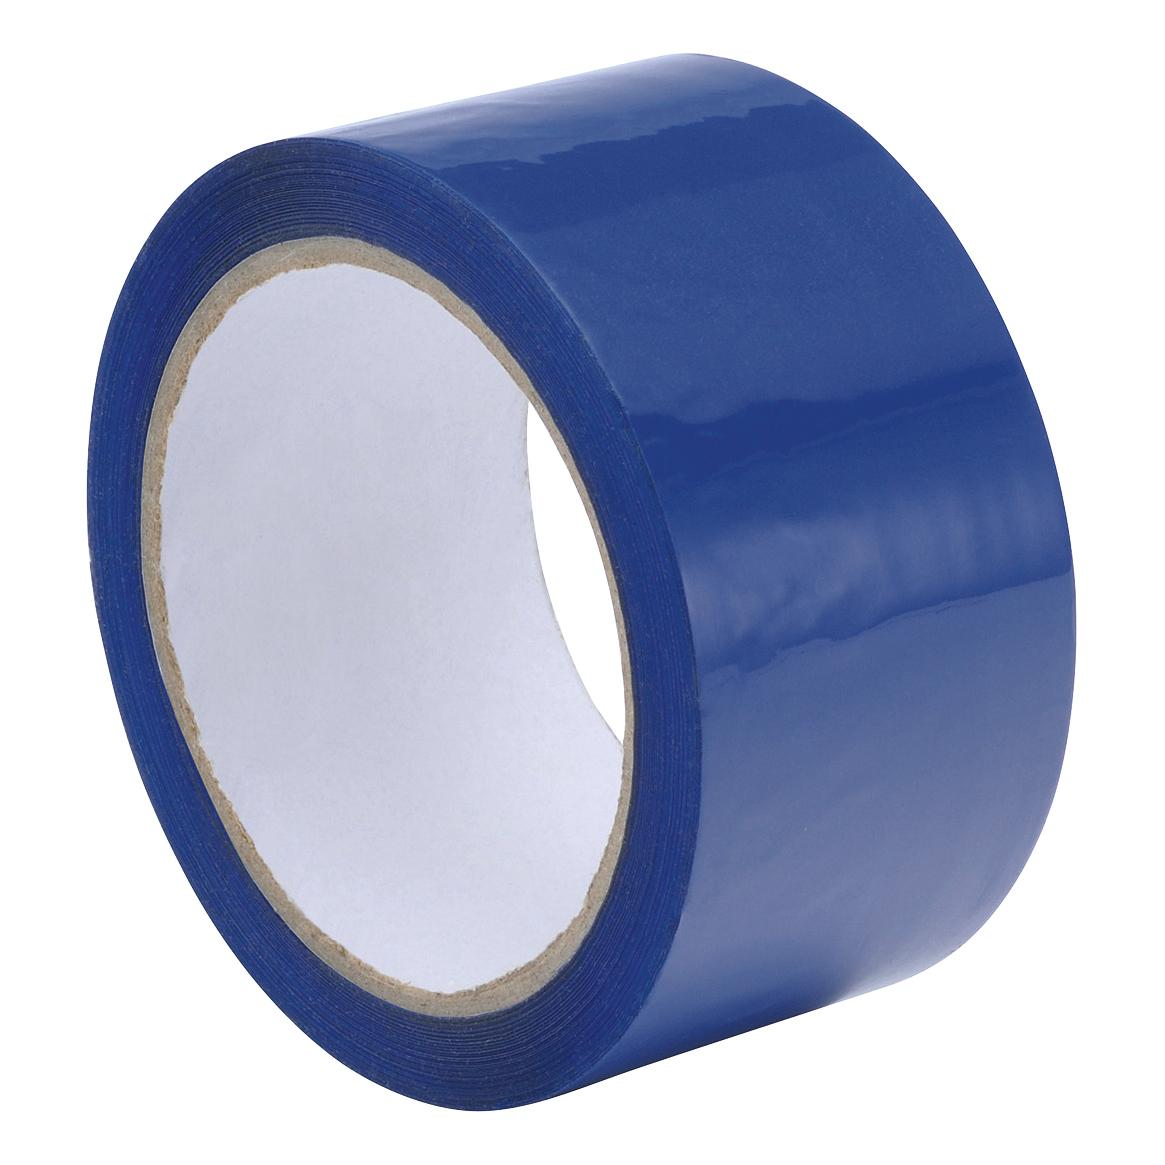 Polypropylene Tape 48mmx66m Blue Ref BLCP50 Pack 6